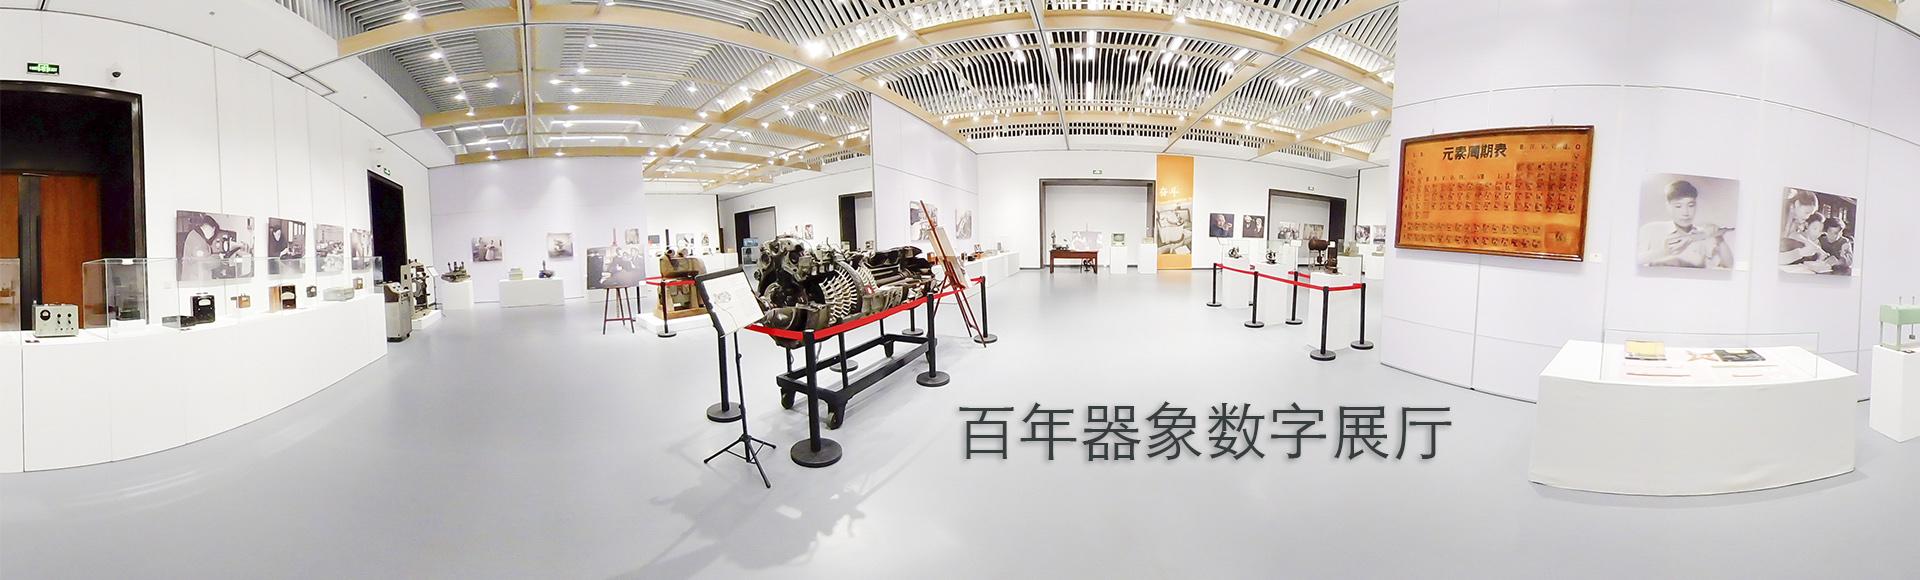 清华大学科学博物馆数字展厅正式开放: